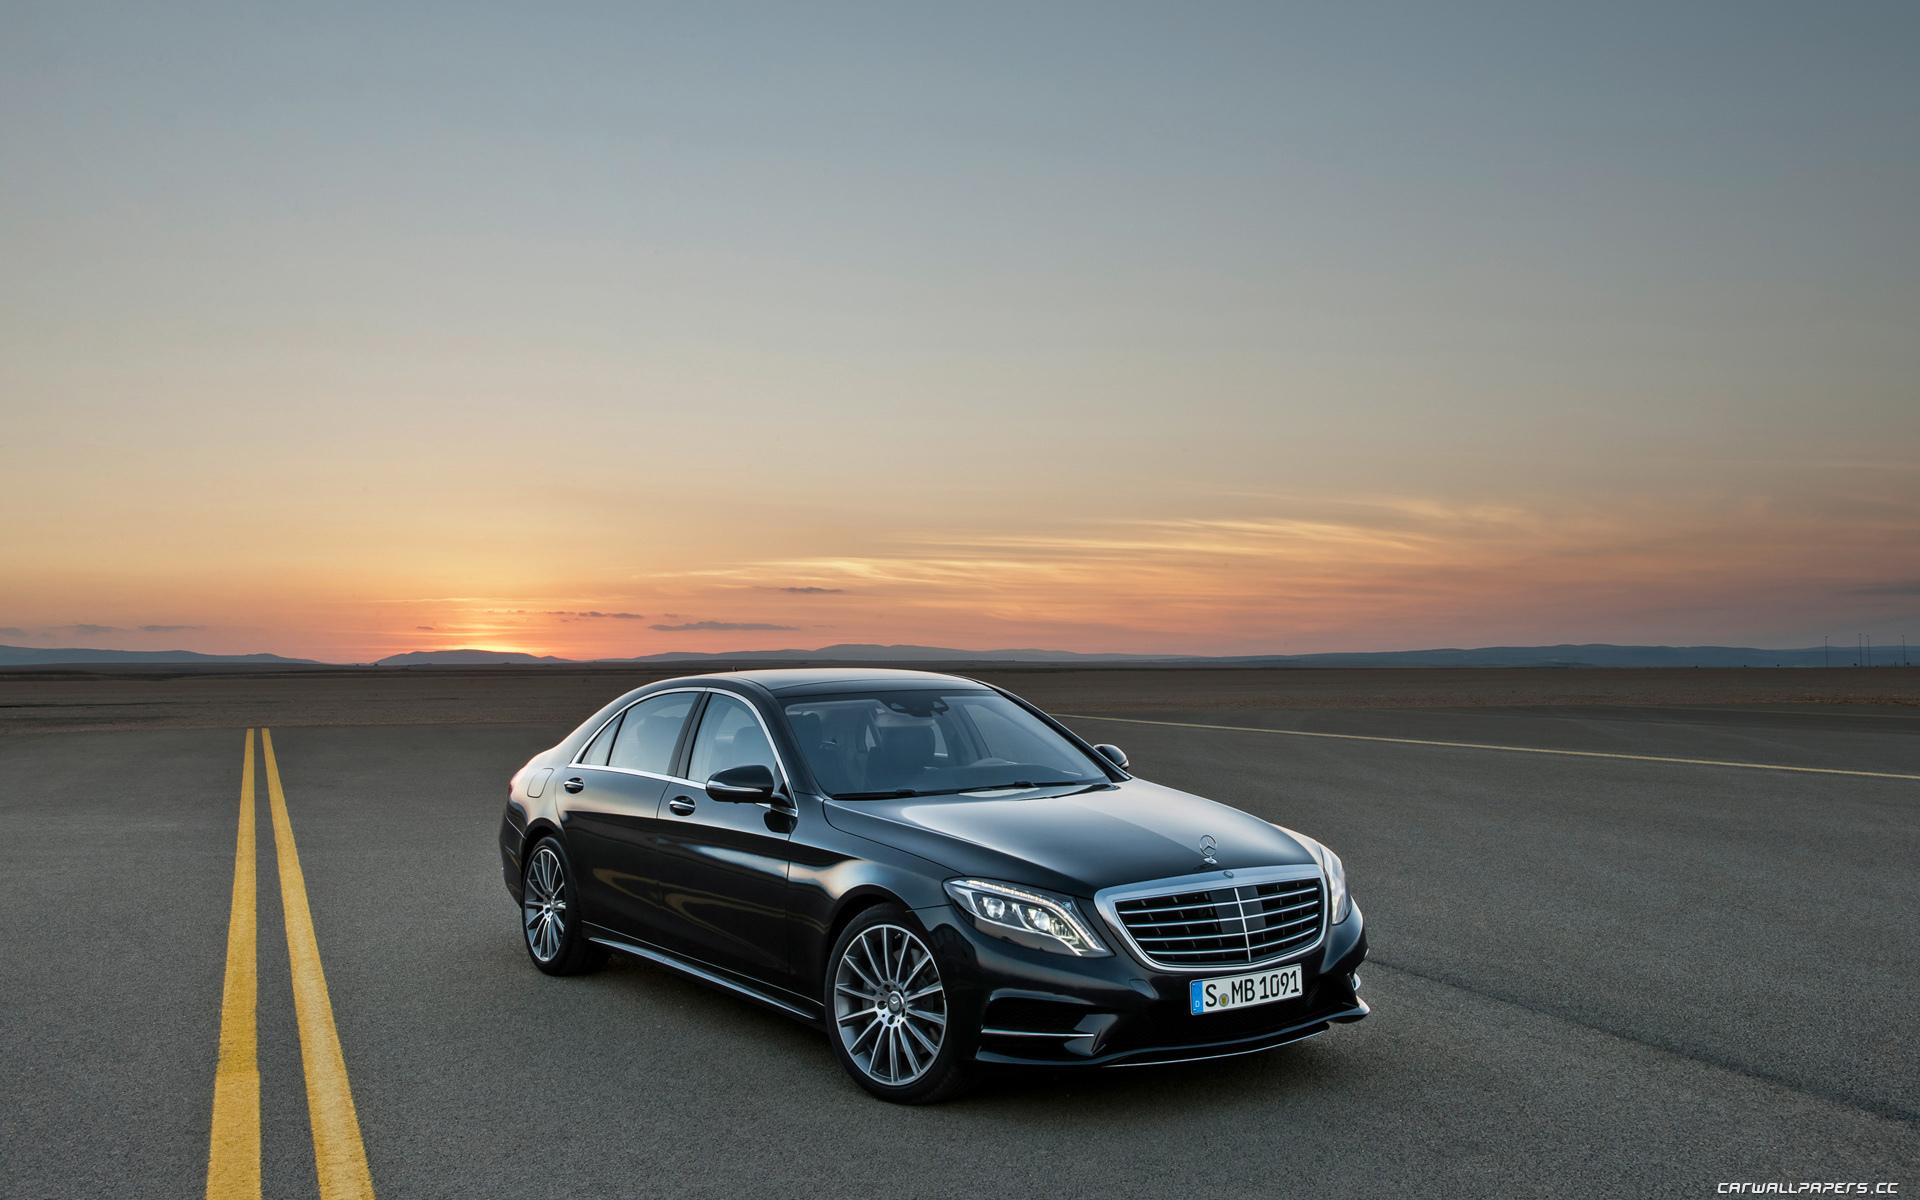 20687 Hintergrundbild herunterladen Auto, Mercedes, Transport - Bildschirmschoner und Bilder kostenlos